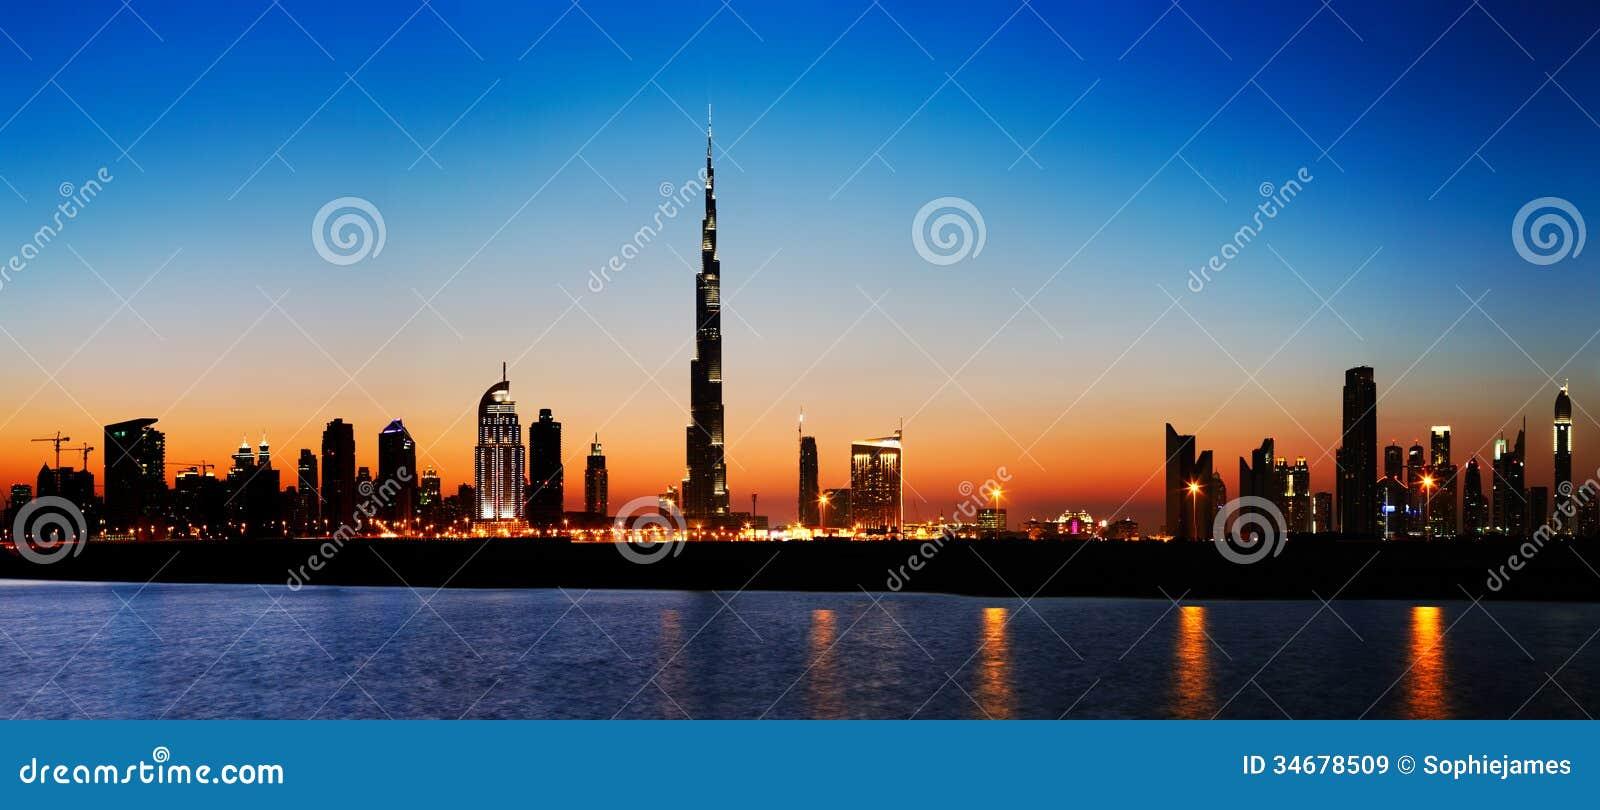 Dubai skyline at dusk seen from the Gulf Coast